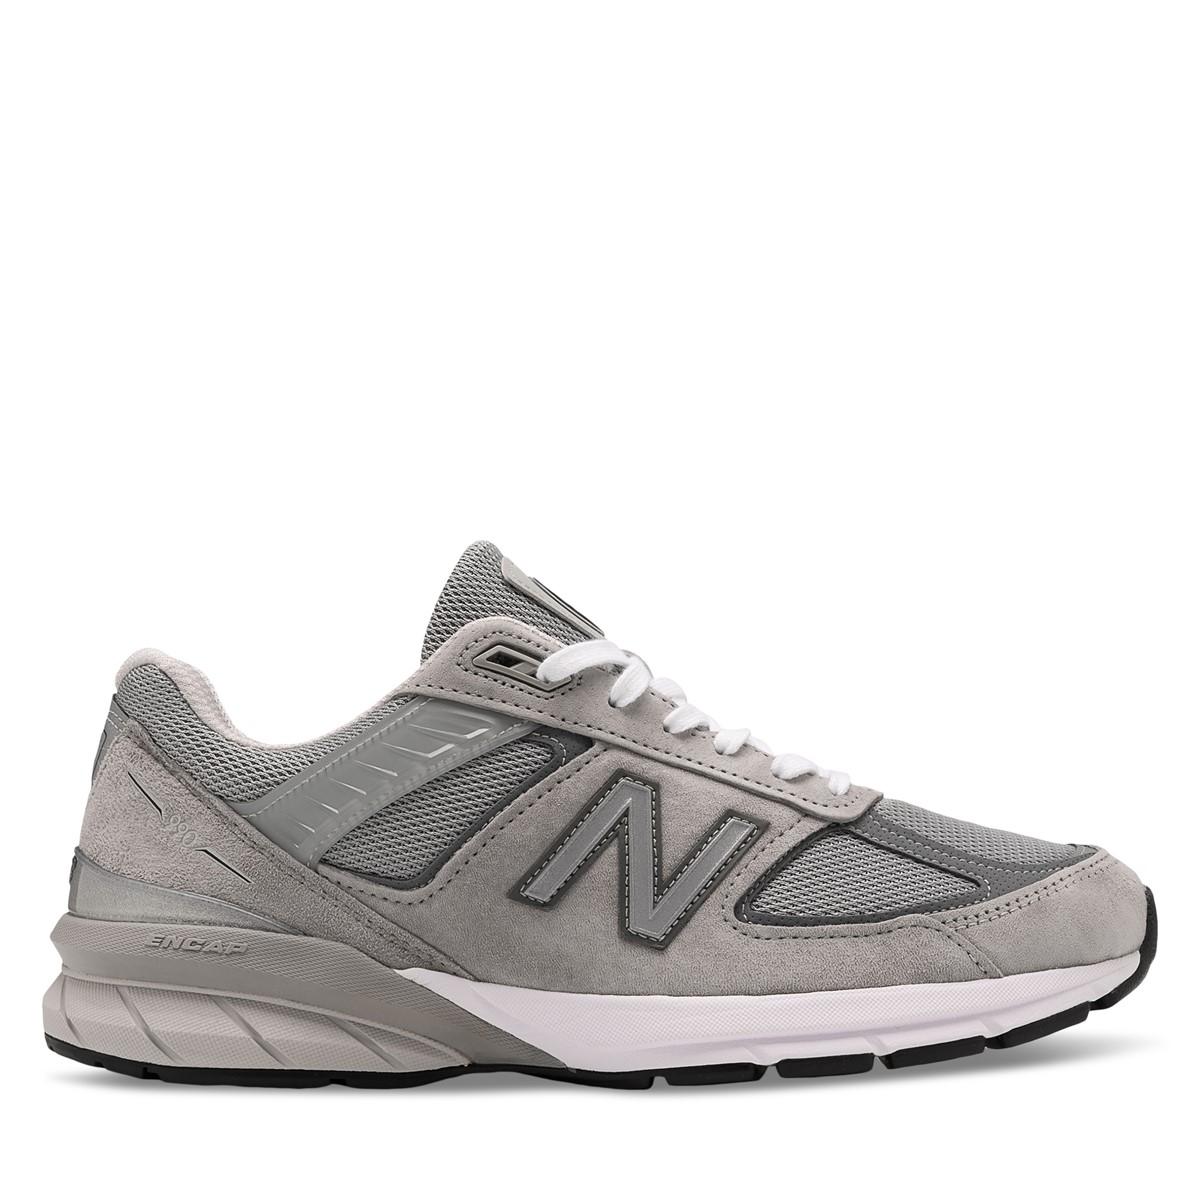 Men's 990V5 Sneakers in Grey